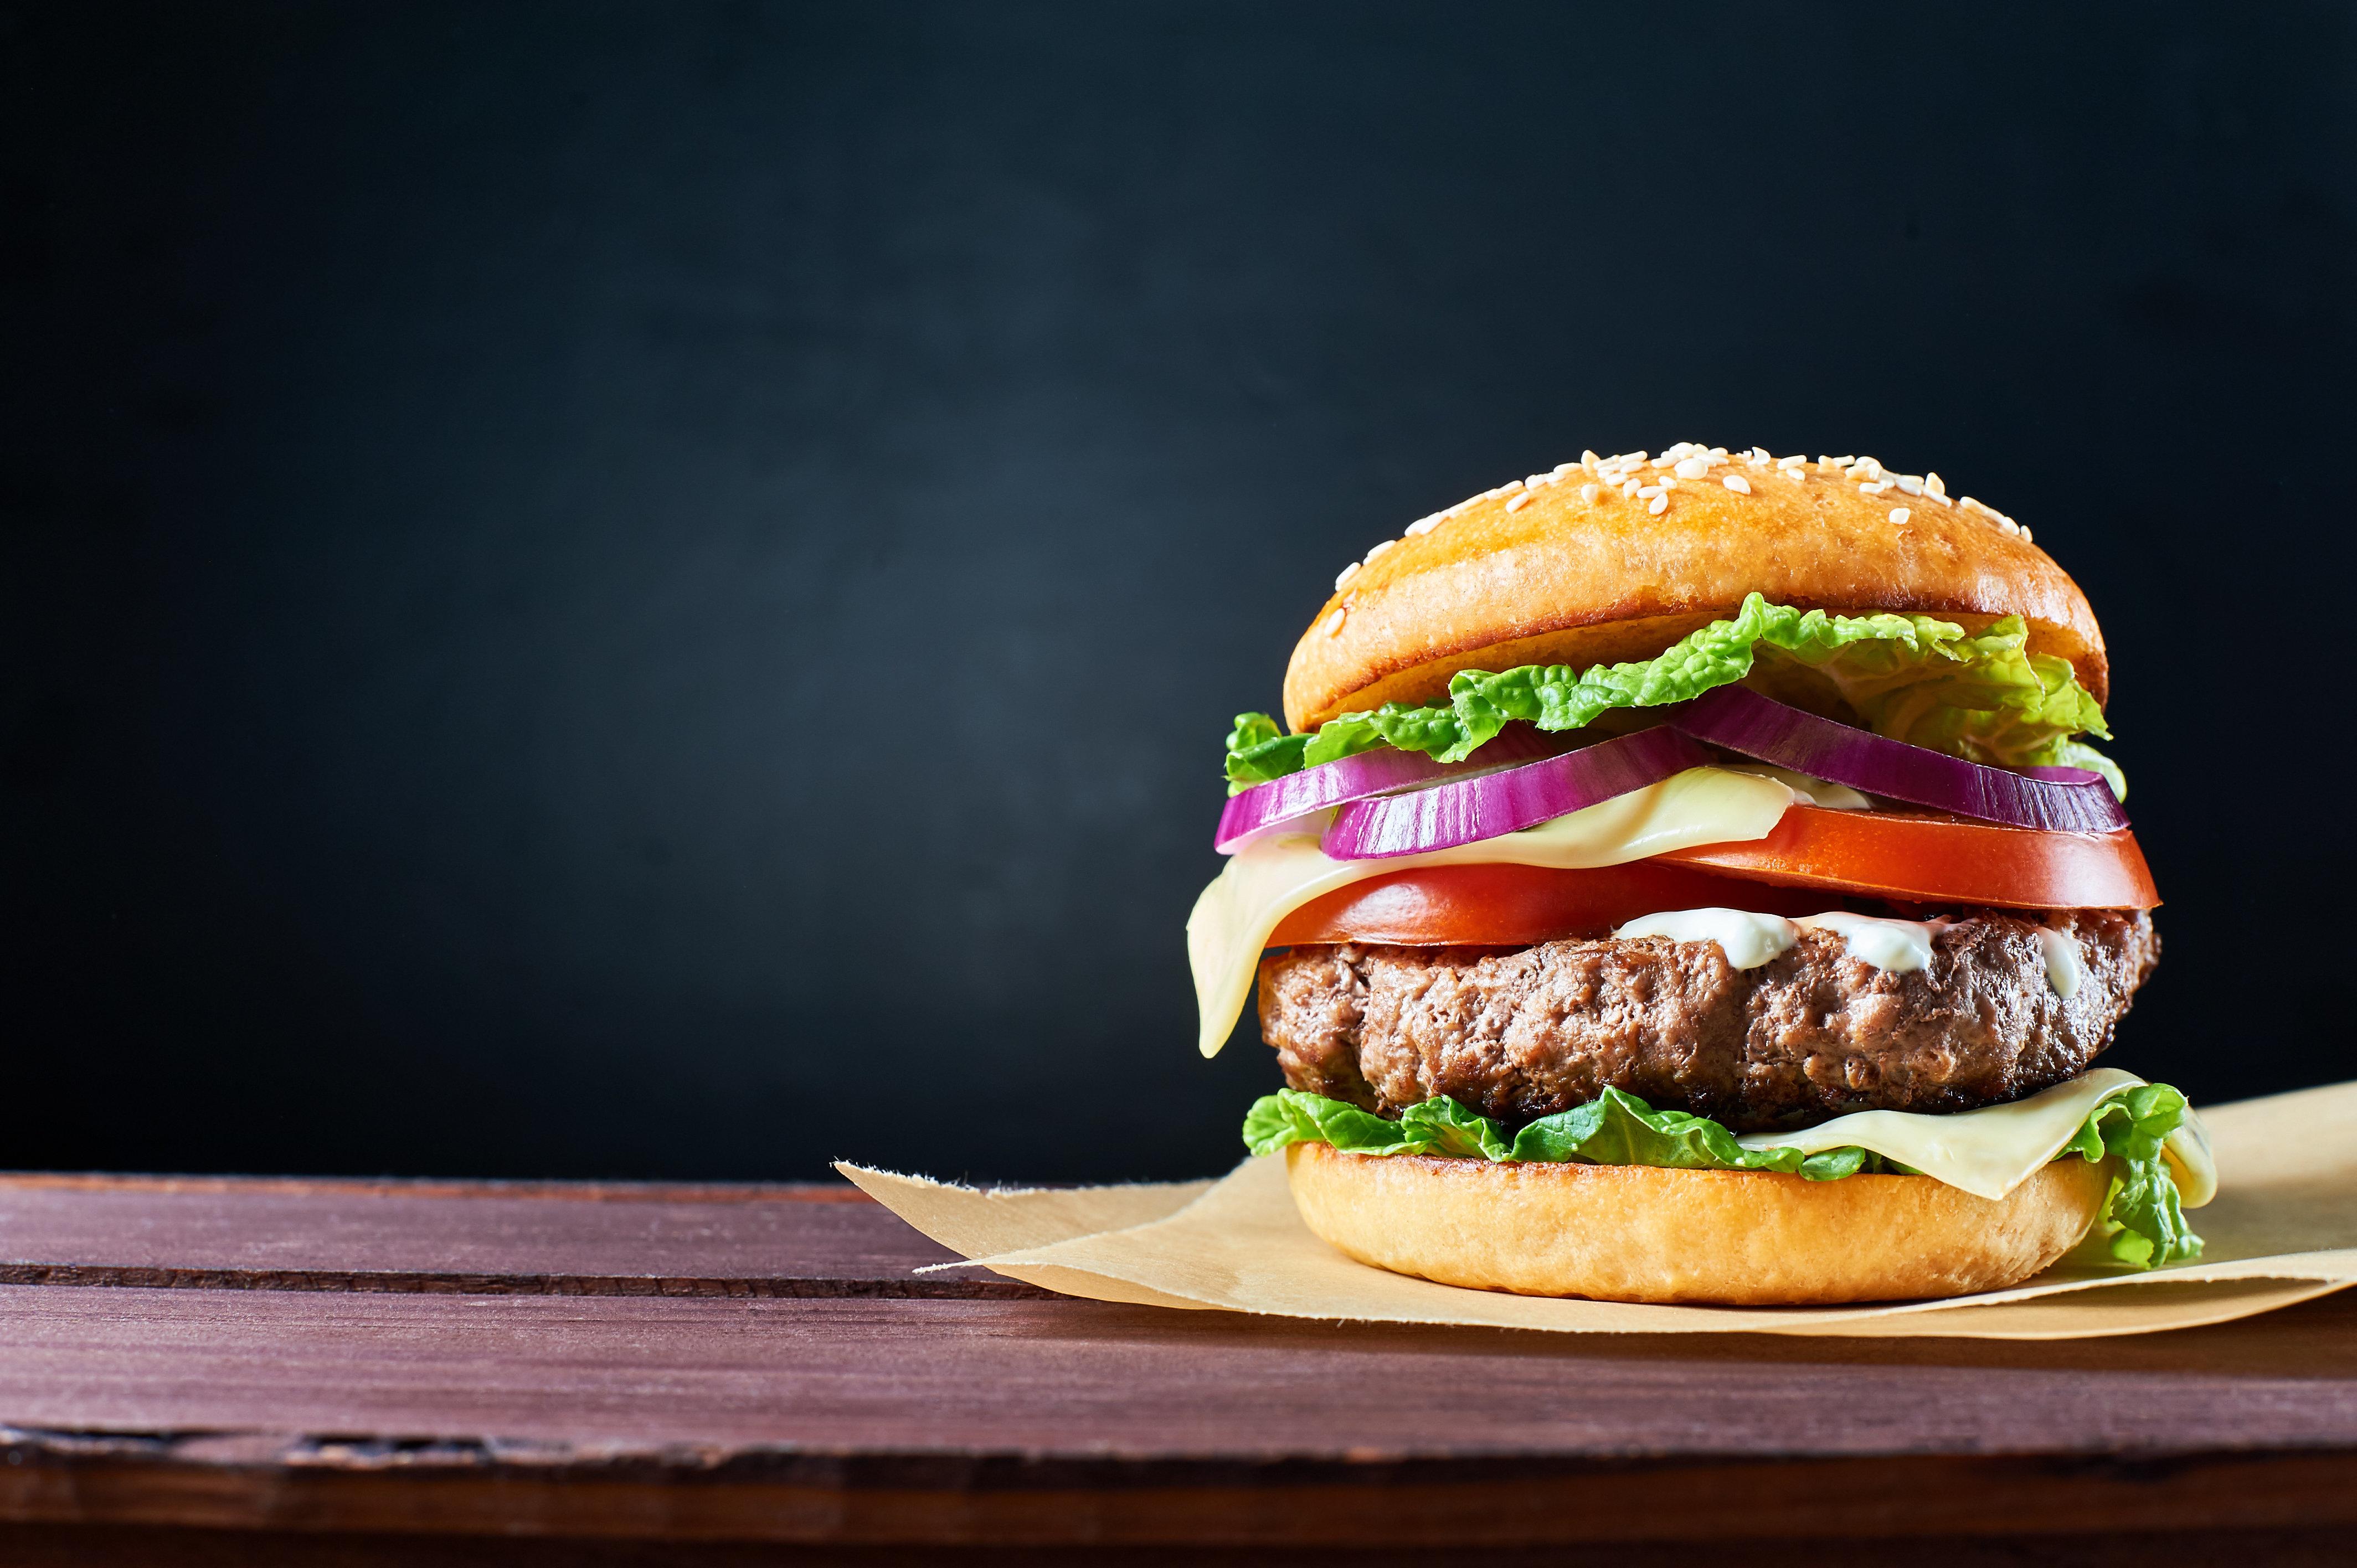 Ce burger saignant est en fait un burger vegan et veut conquérir le